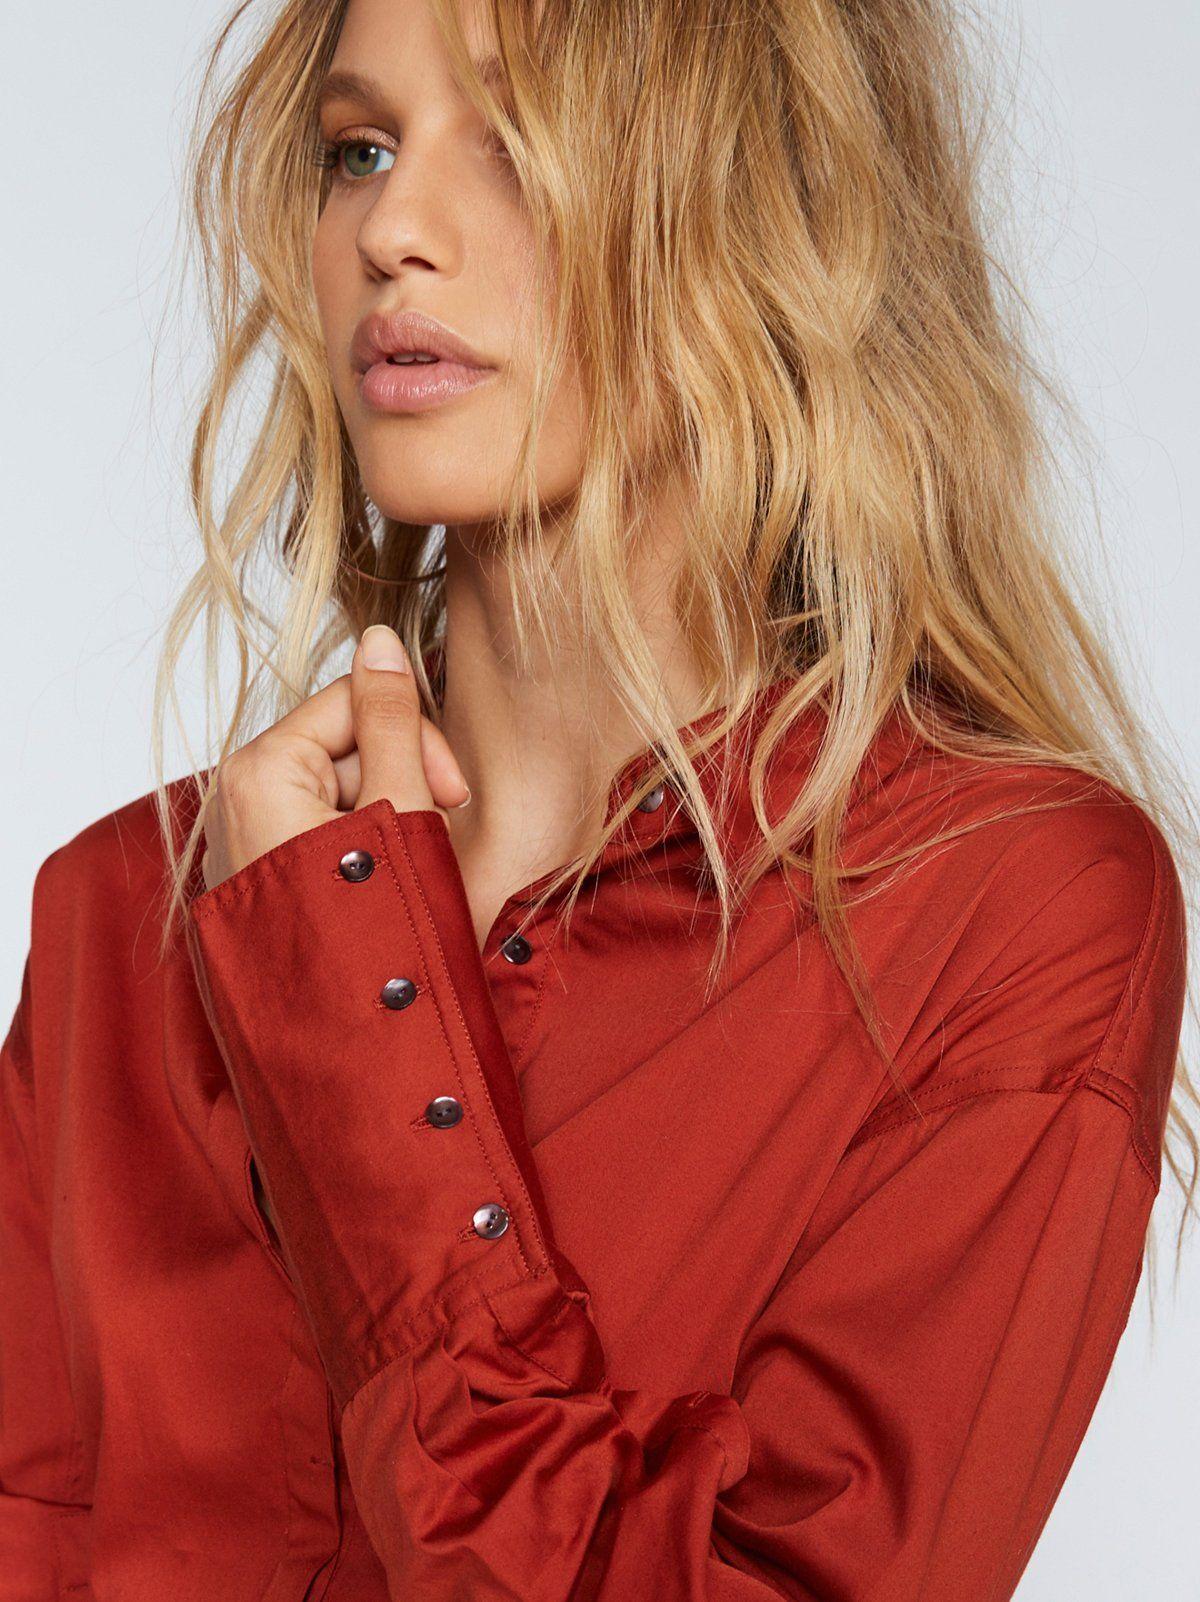 Hook shirt dress oversized shirtdress featuring a belt detail at